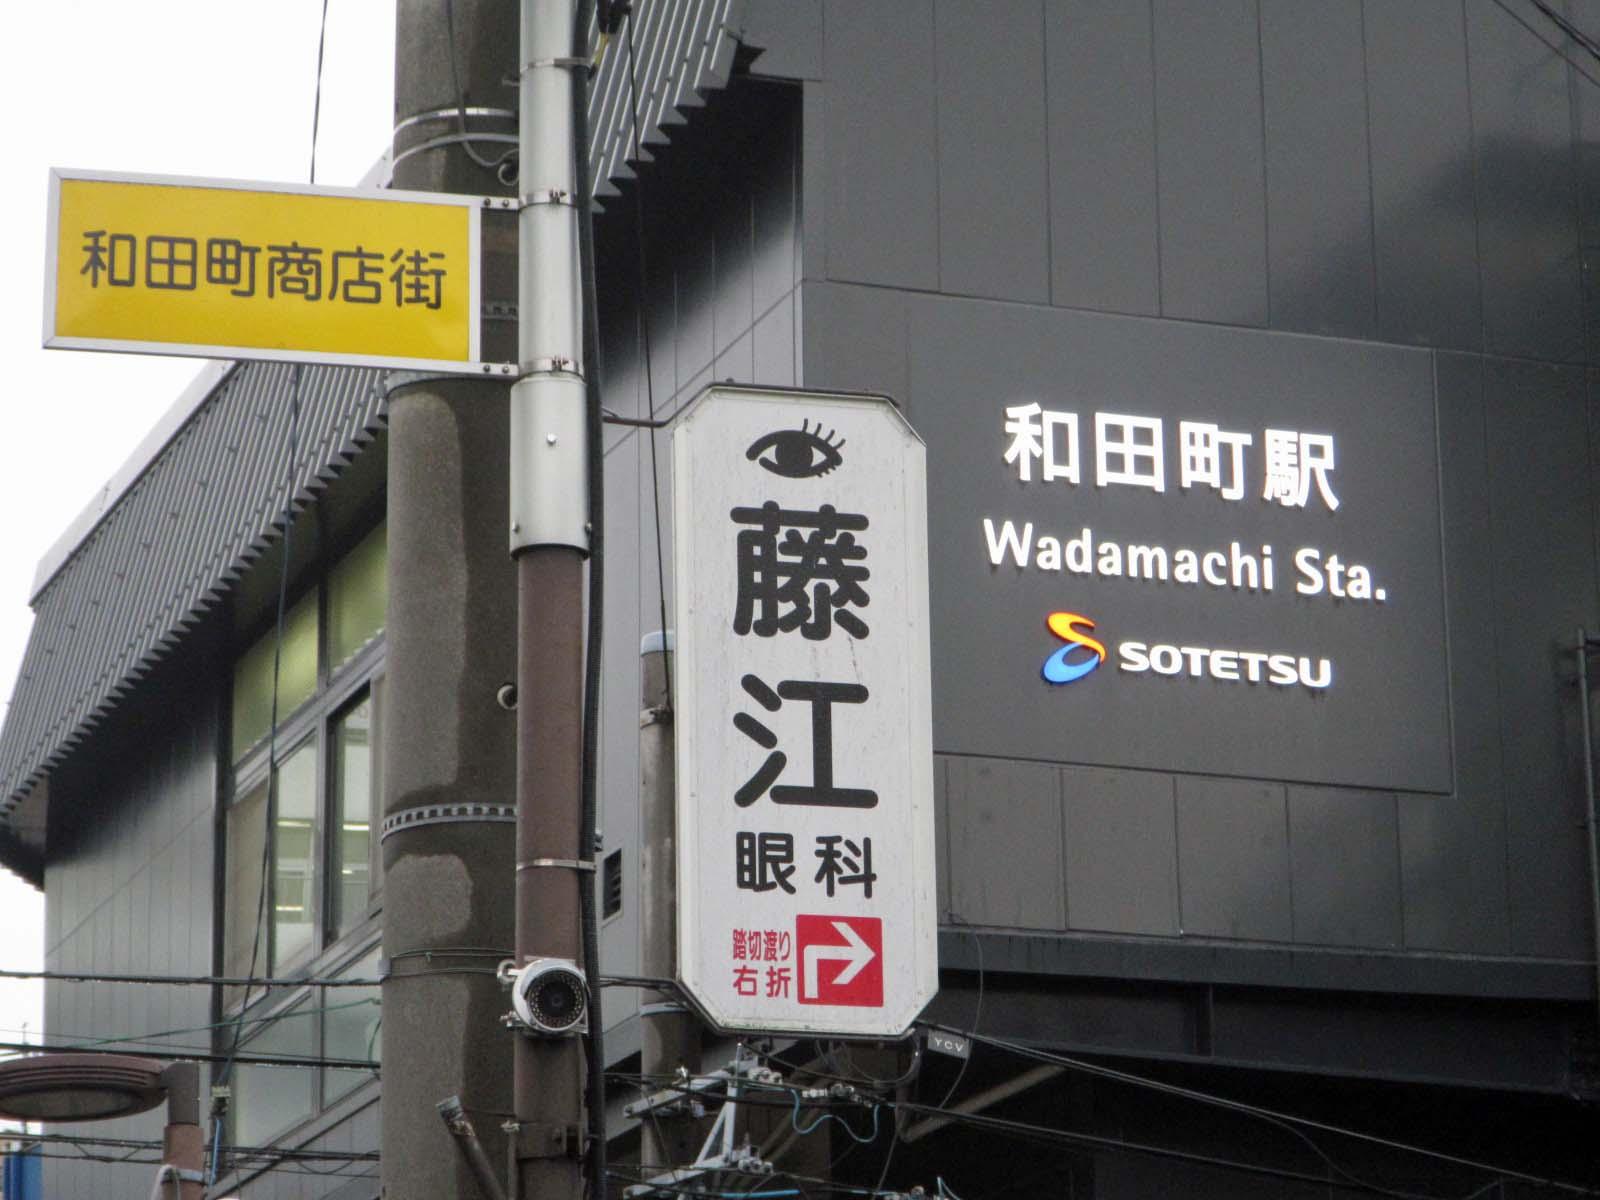 和田町駅前藤江眼科